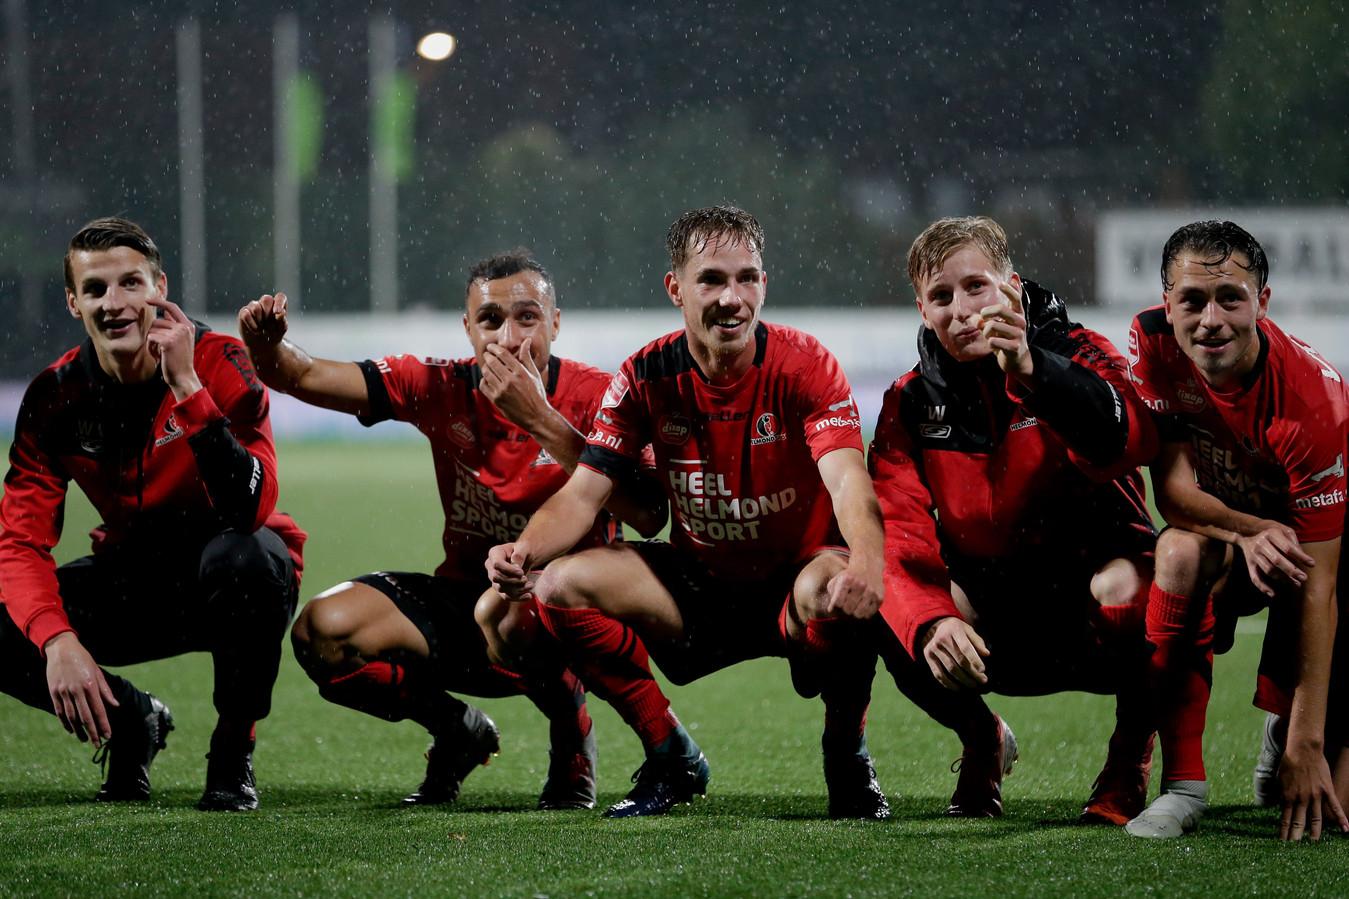 De spelers van Helmond Sport kunnen eindelijk weer een feestje vieren.